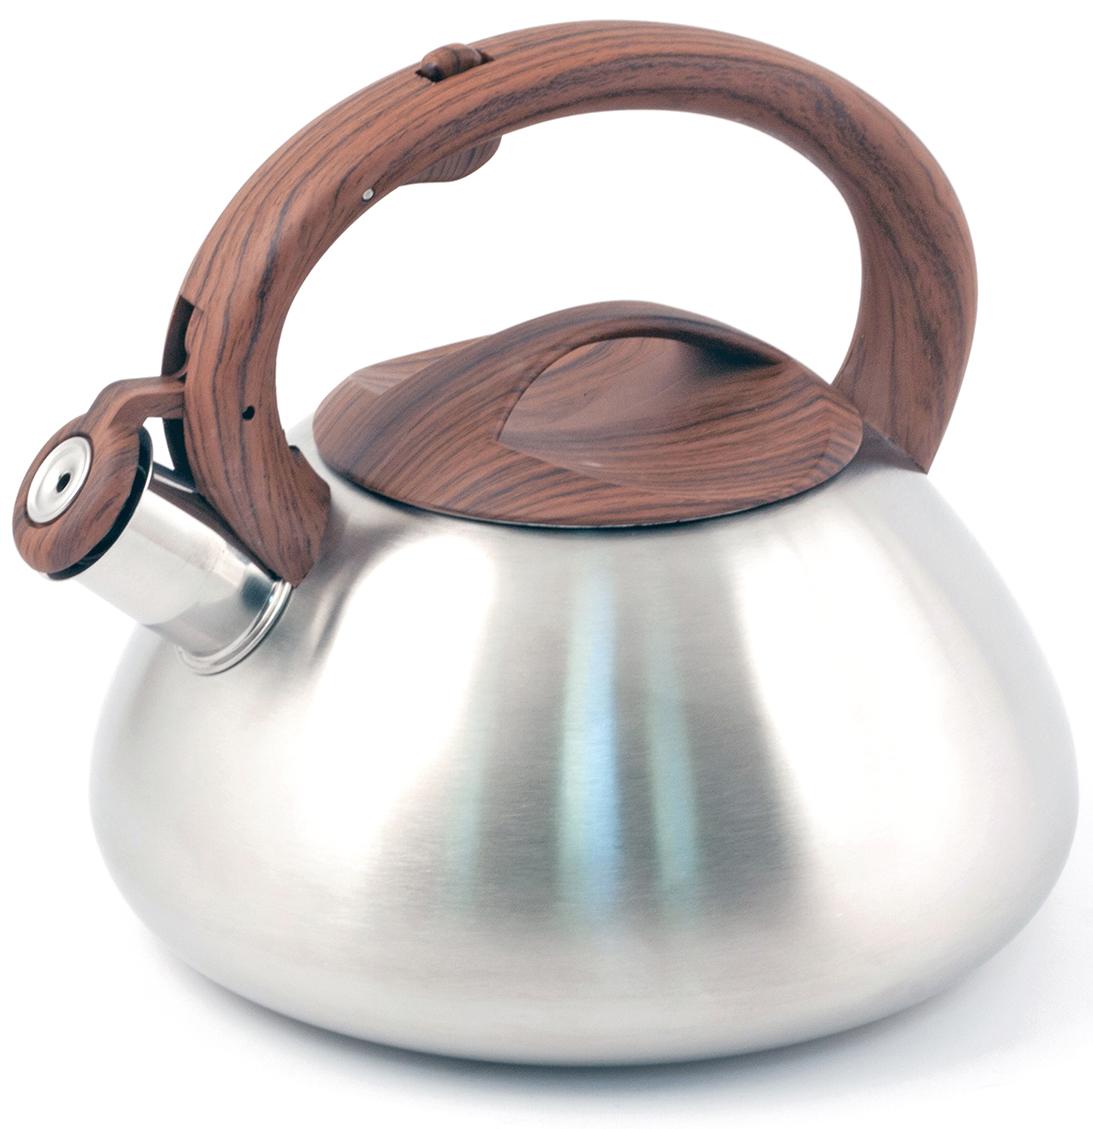 Чайник TimA, со свистком, 2,7 лК-1658Чайник TimA имеет современный внешний вид, удобный механизм открывания носика, эргономичную ручку из приятного на ощупь нескользящего материала. Корпус чайника выполнен из высококачественной нержавеющей стали AISI 304, покрывающая пластина капсулированного дна из стали AISI 430, что позволяет использовать чайник на индукционной плите.